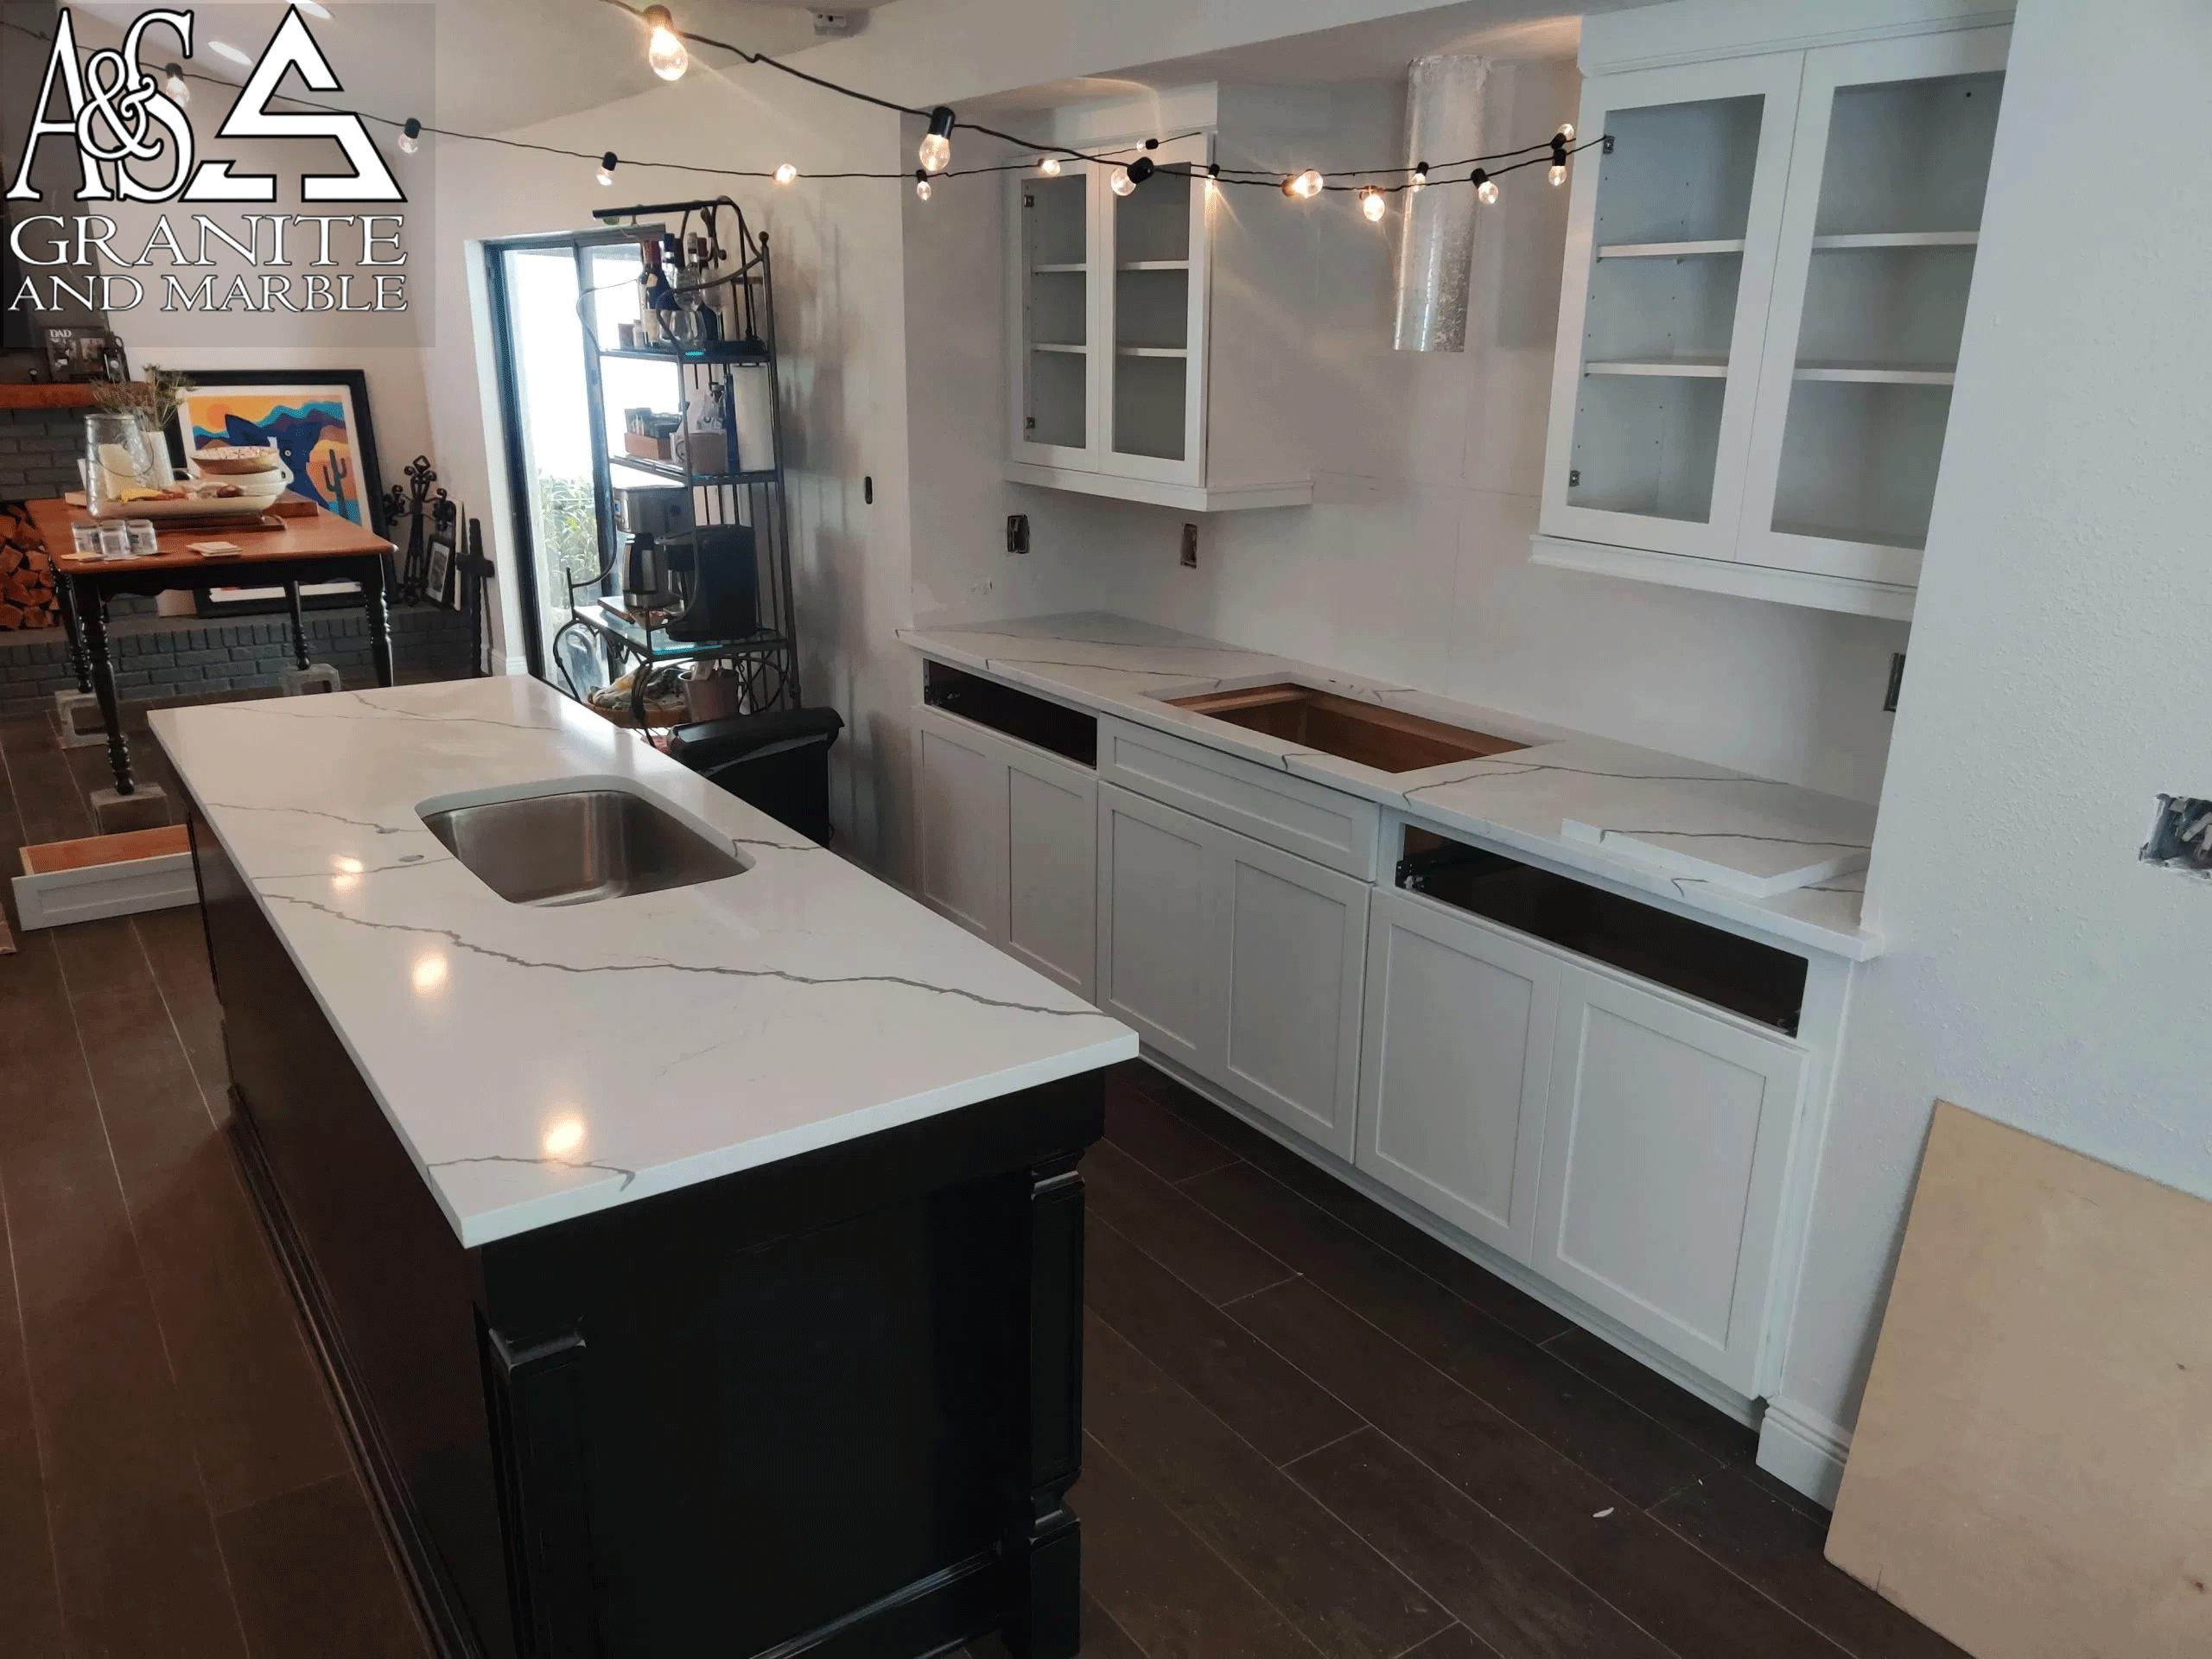 White Quartz Kitchen Countertops - Quartz